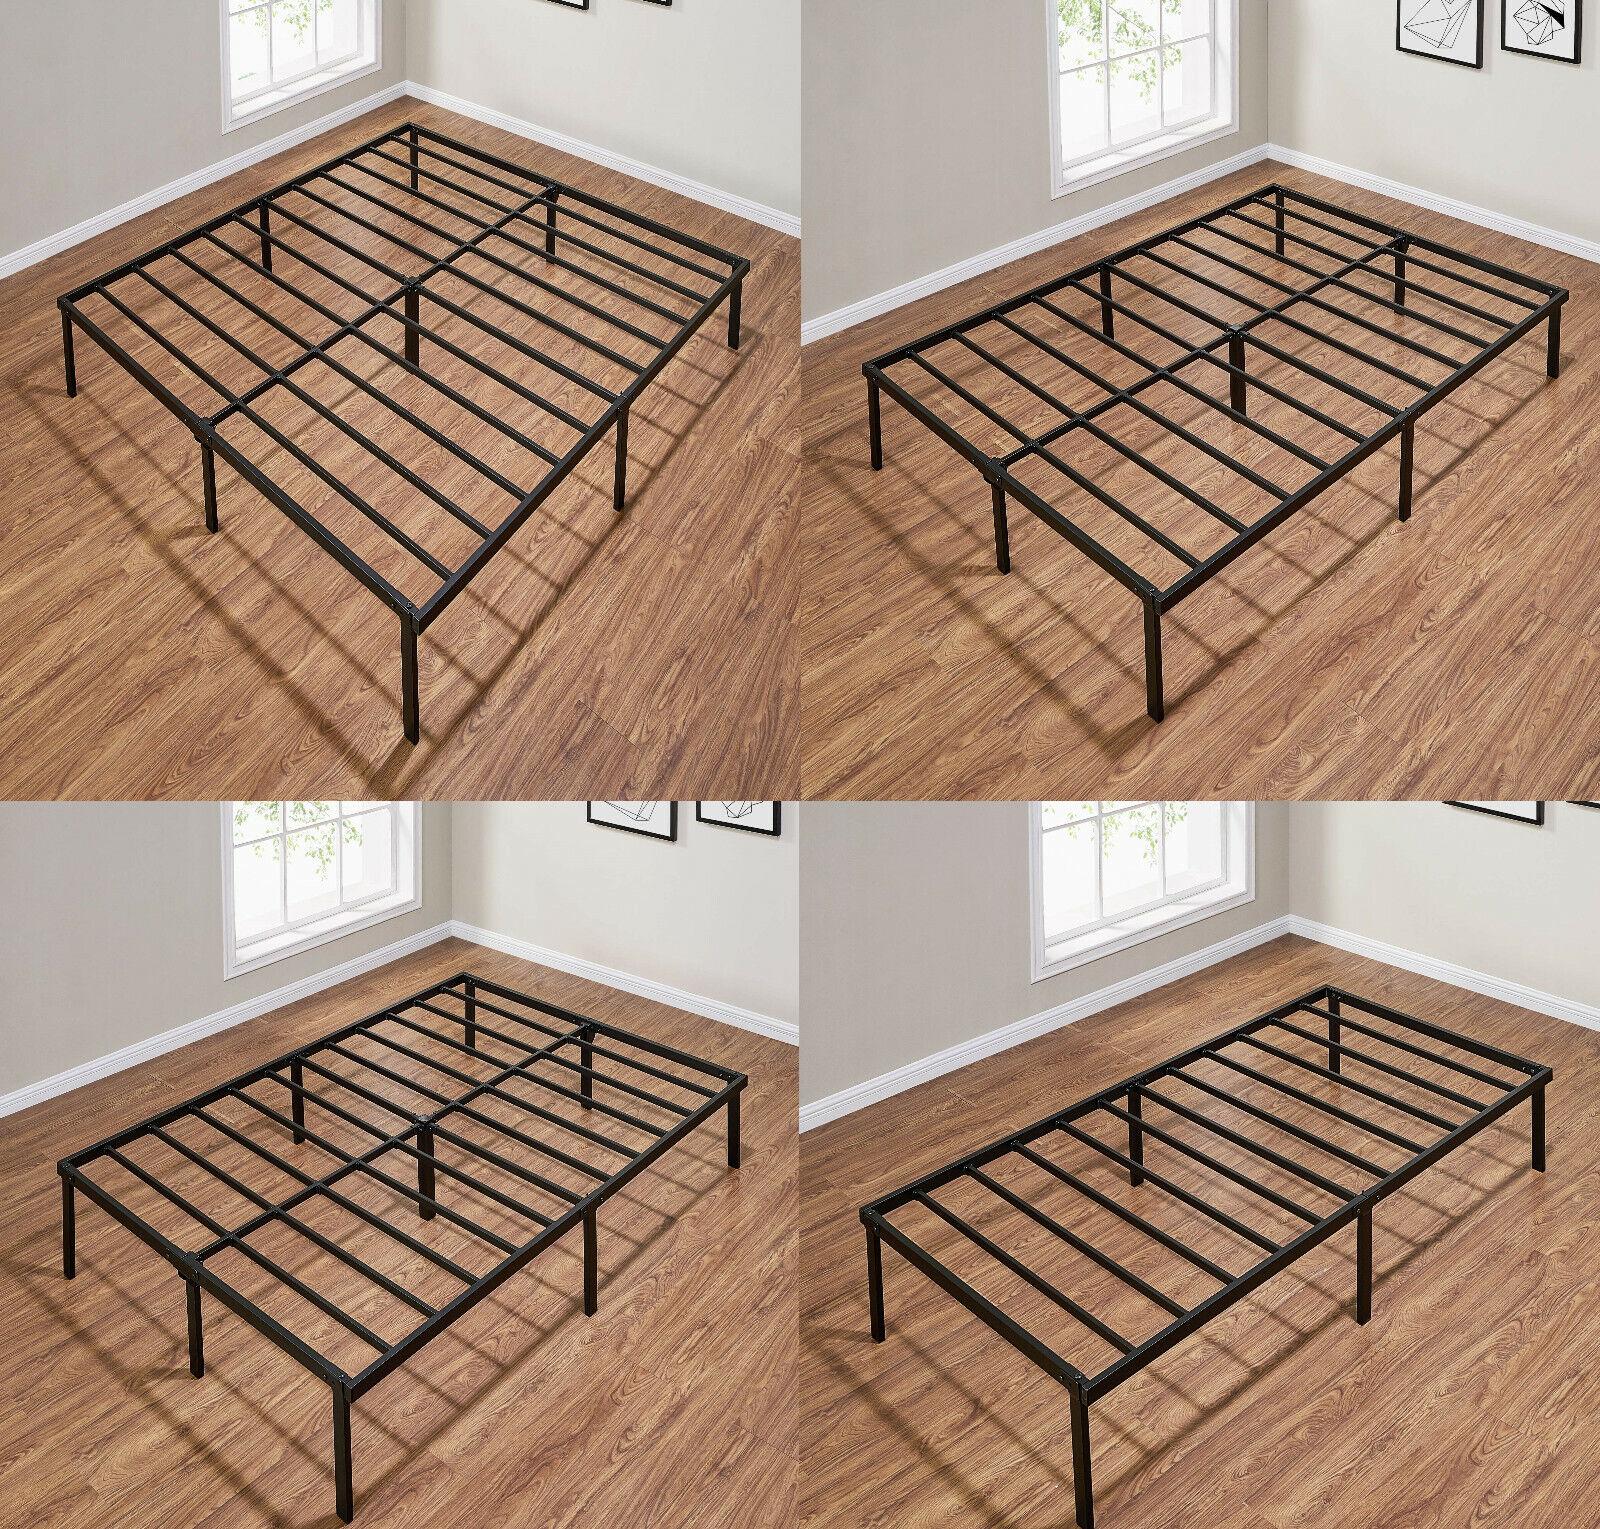 14 INCH HEAVY DUTY Slat Bed Frame, Multiple Size Metal Platf